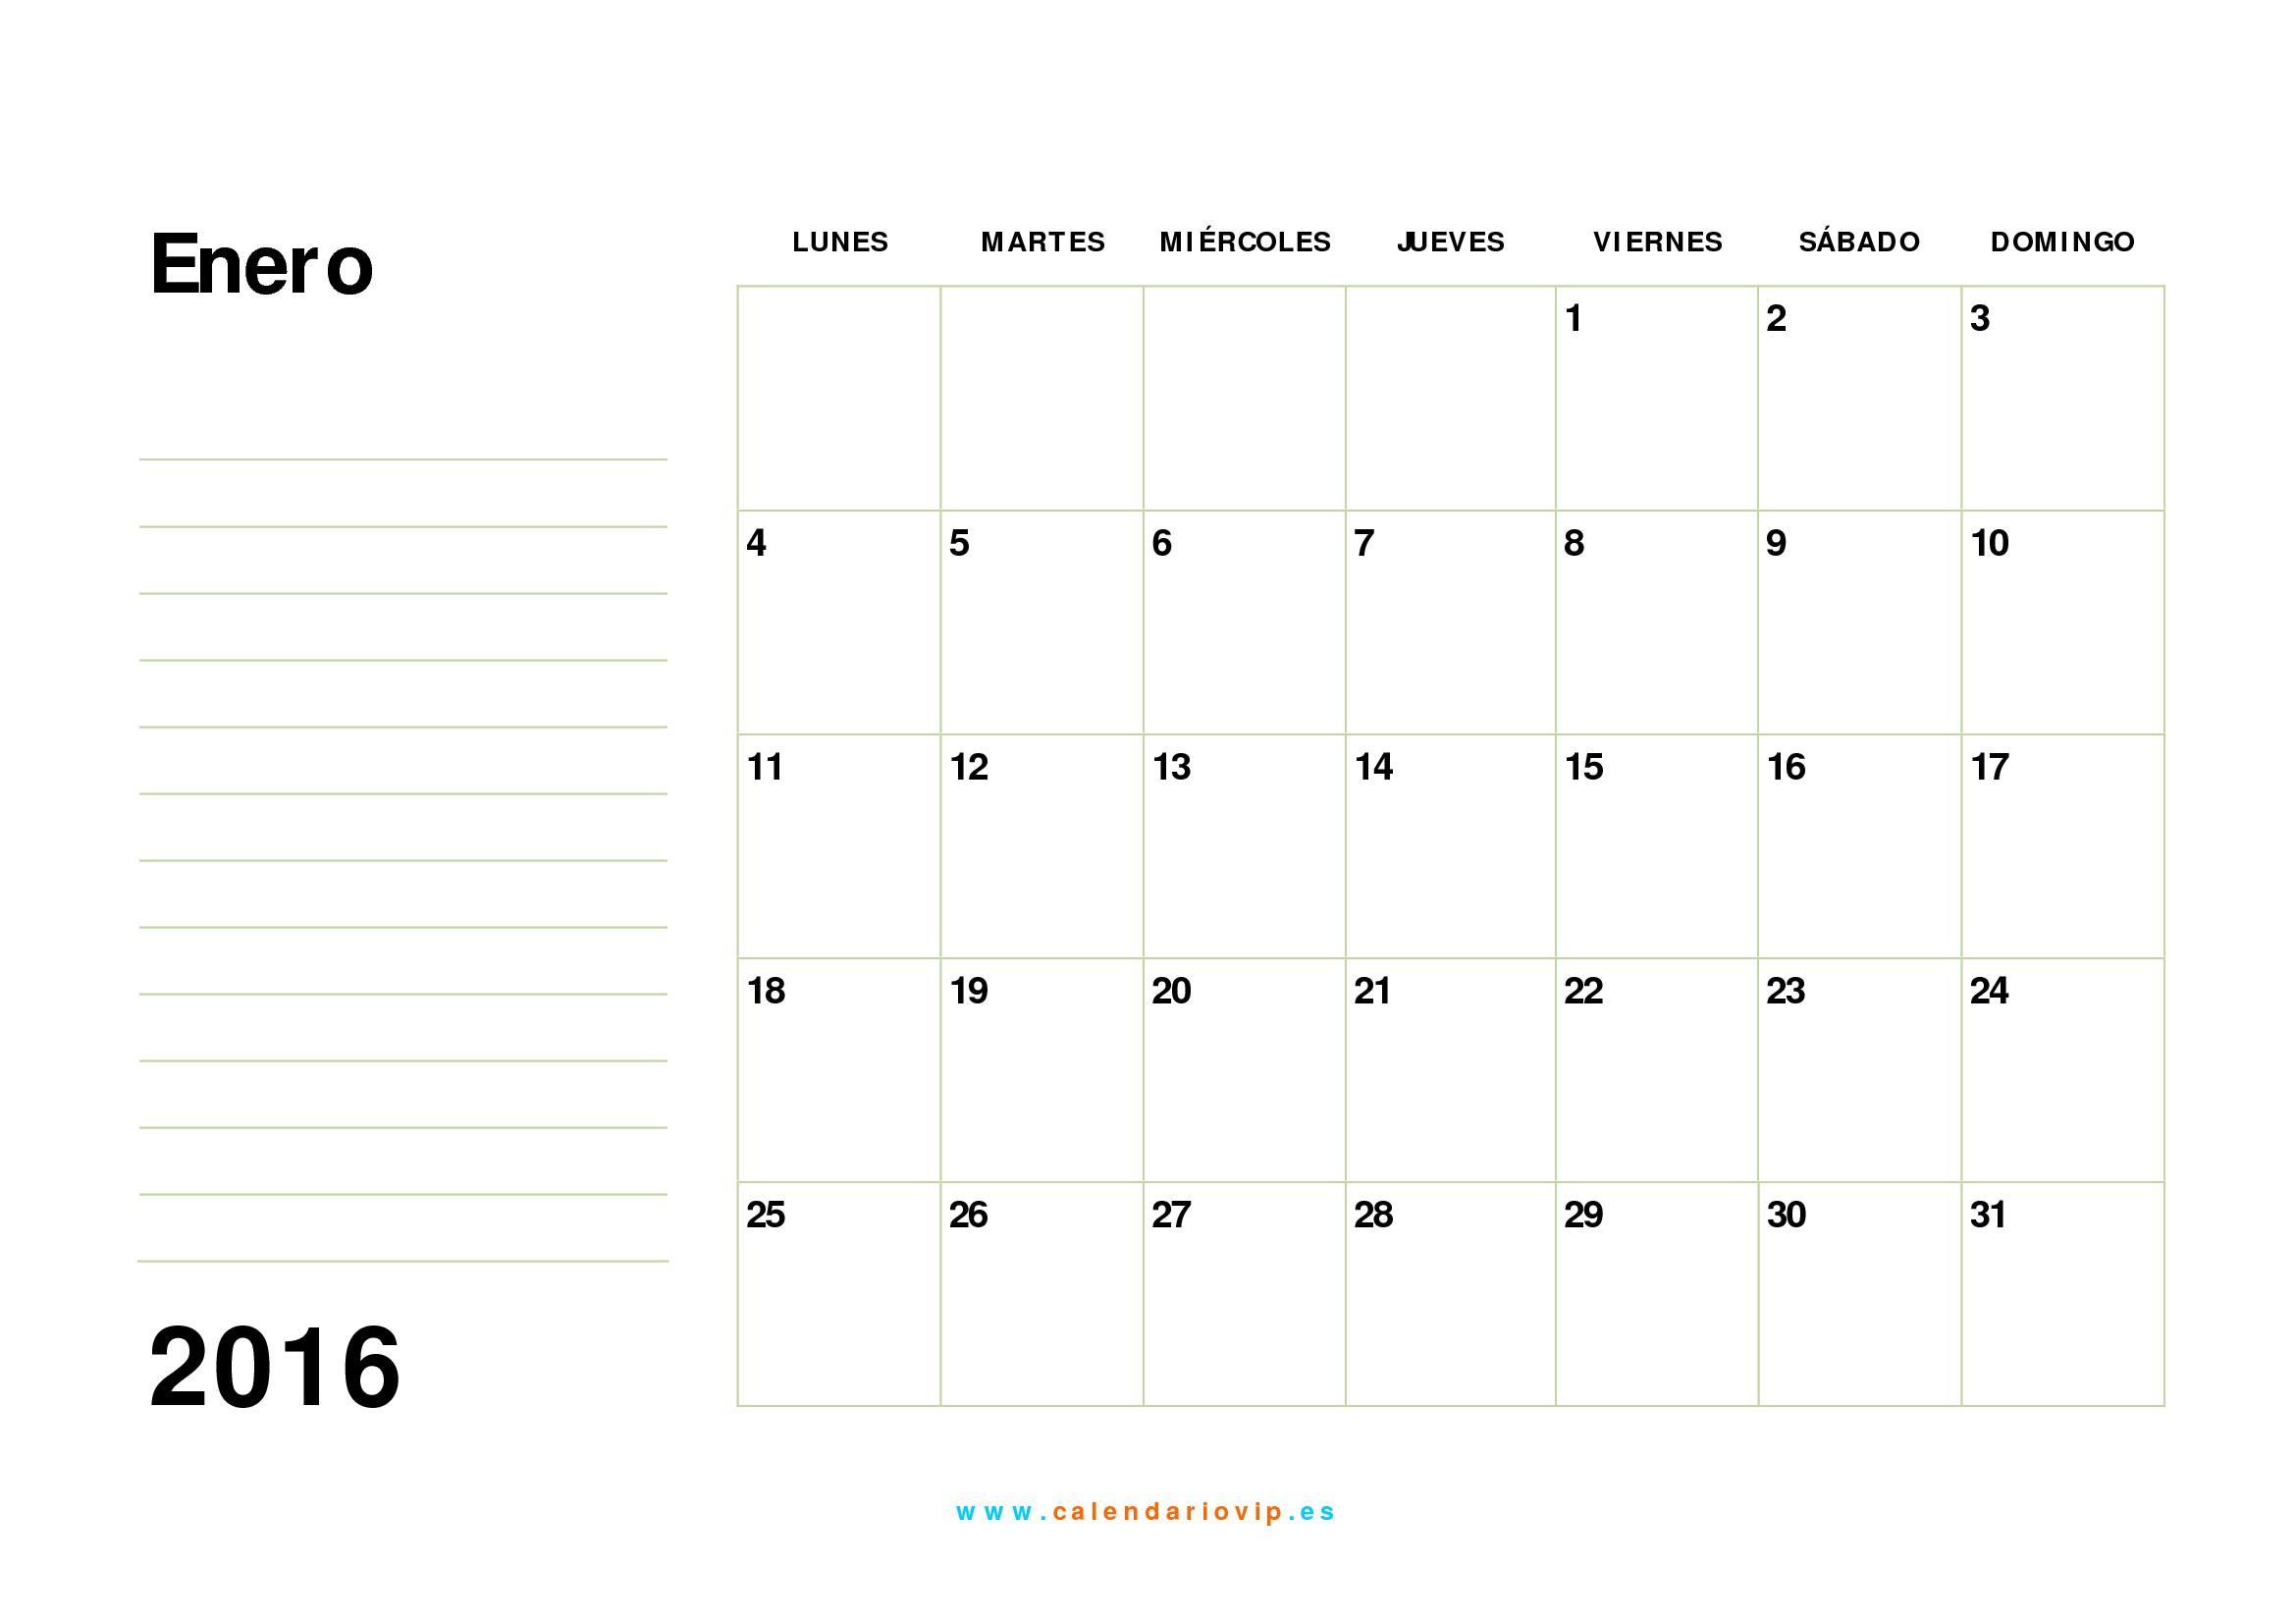 Calendario Semanal Para Imprimir 2017 Más Recientemente Liberado List Of Synonyms and Antonyms Of the Word Agenda 2016 Enero Of Calendario Semanal Para Imprimir 2017 Mejores Y Más Novedosos Agenda A5